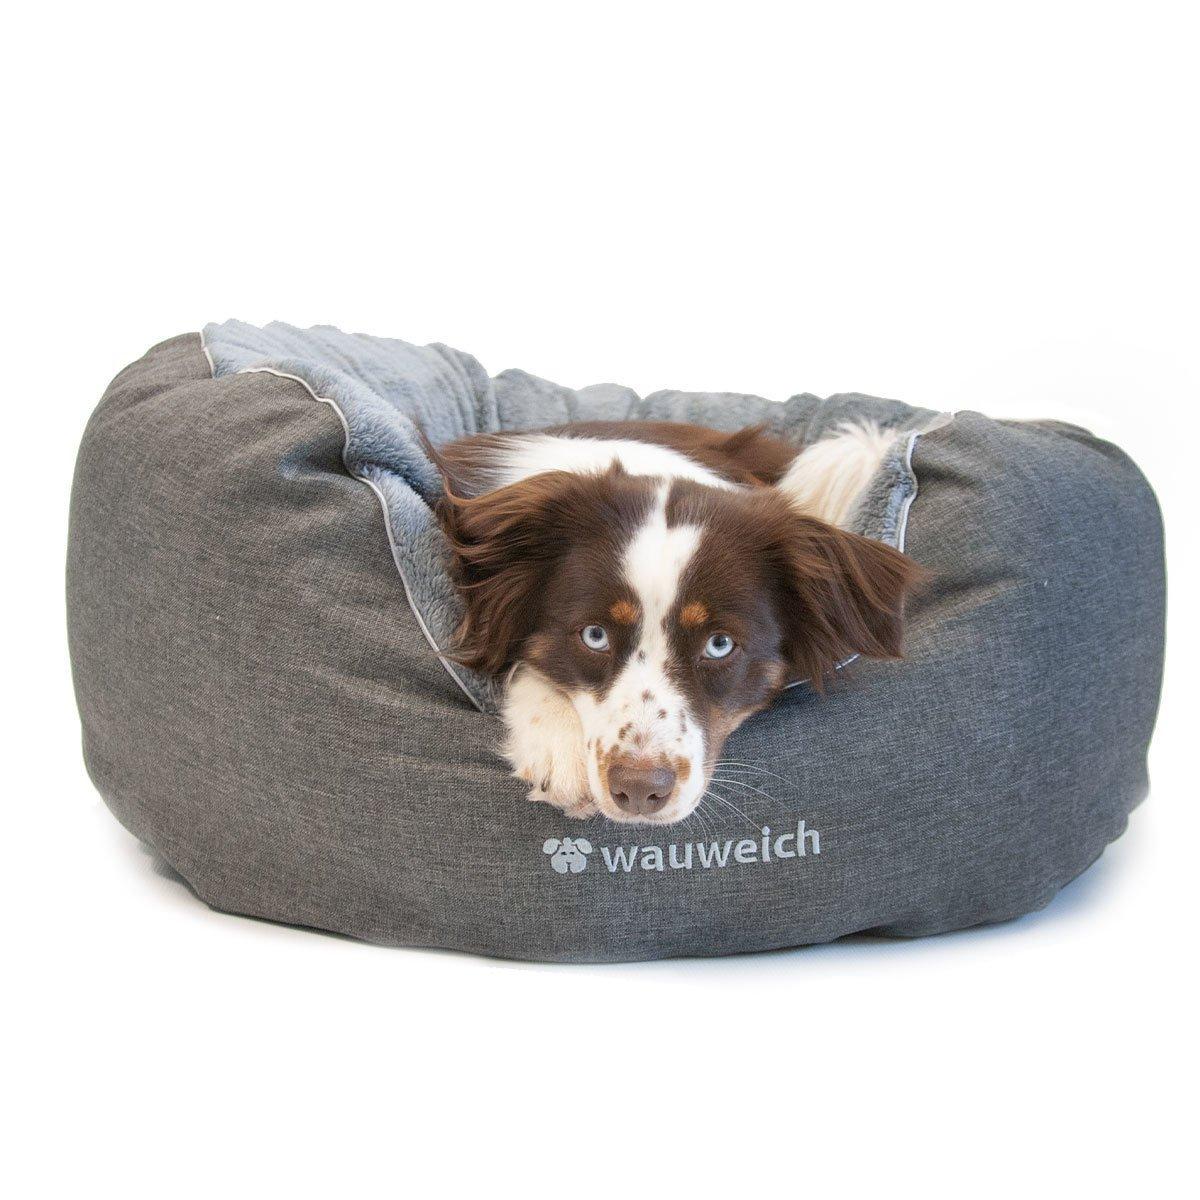 Das Beruhigende - Hundebett mit Plüsch Bild 3